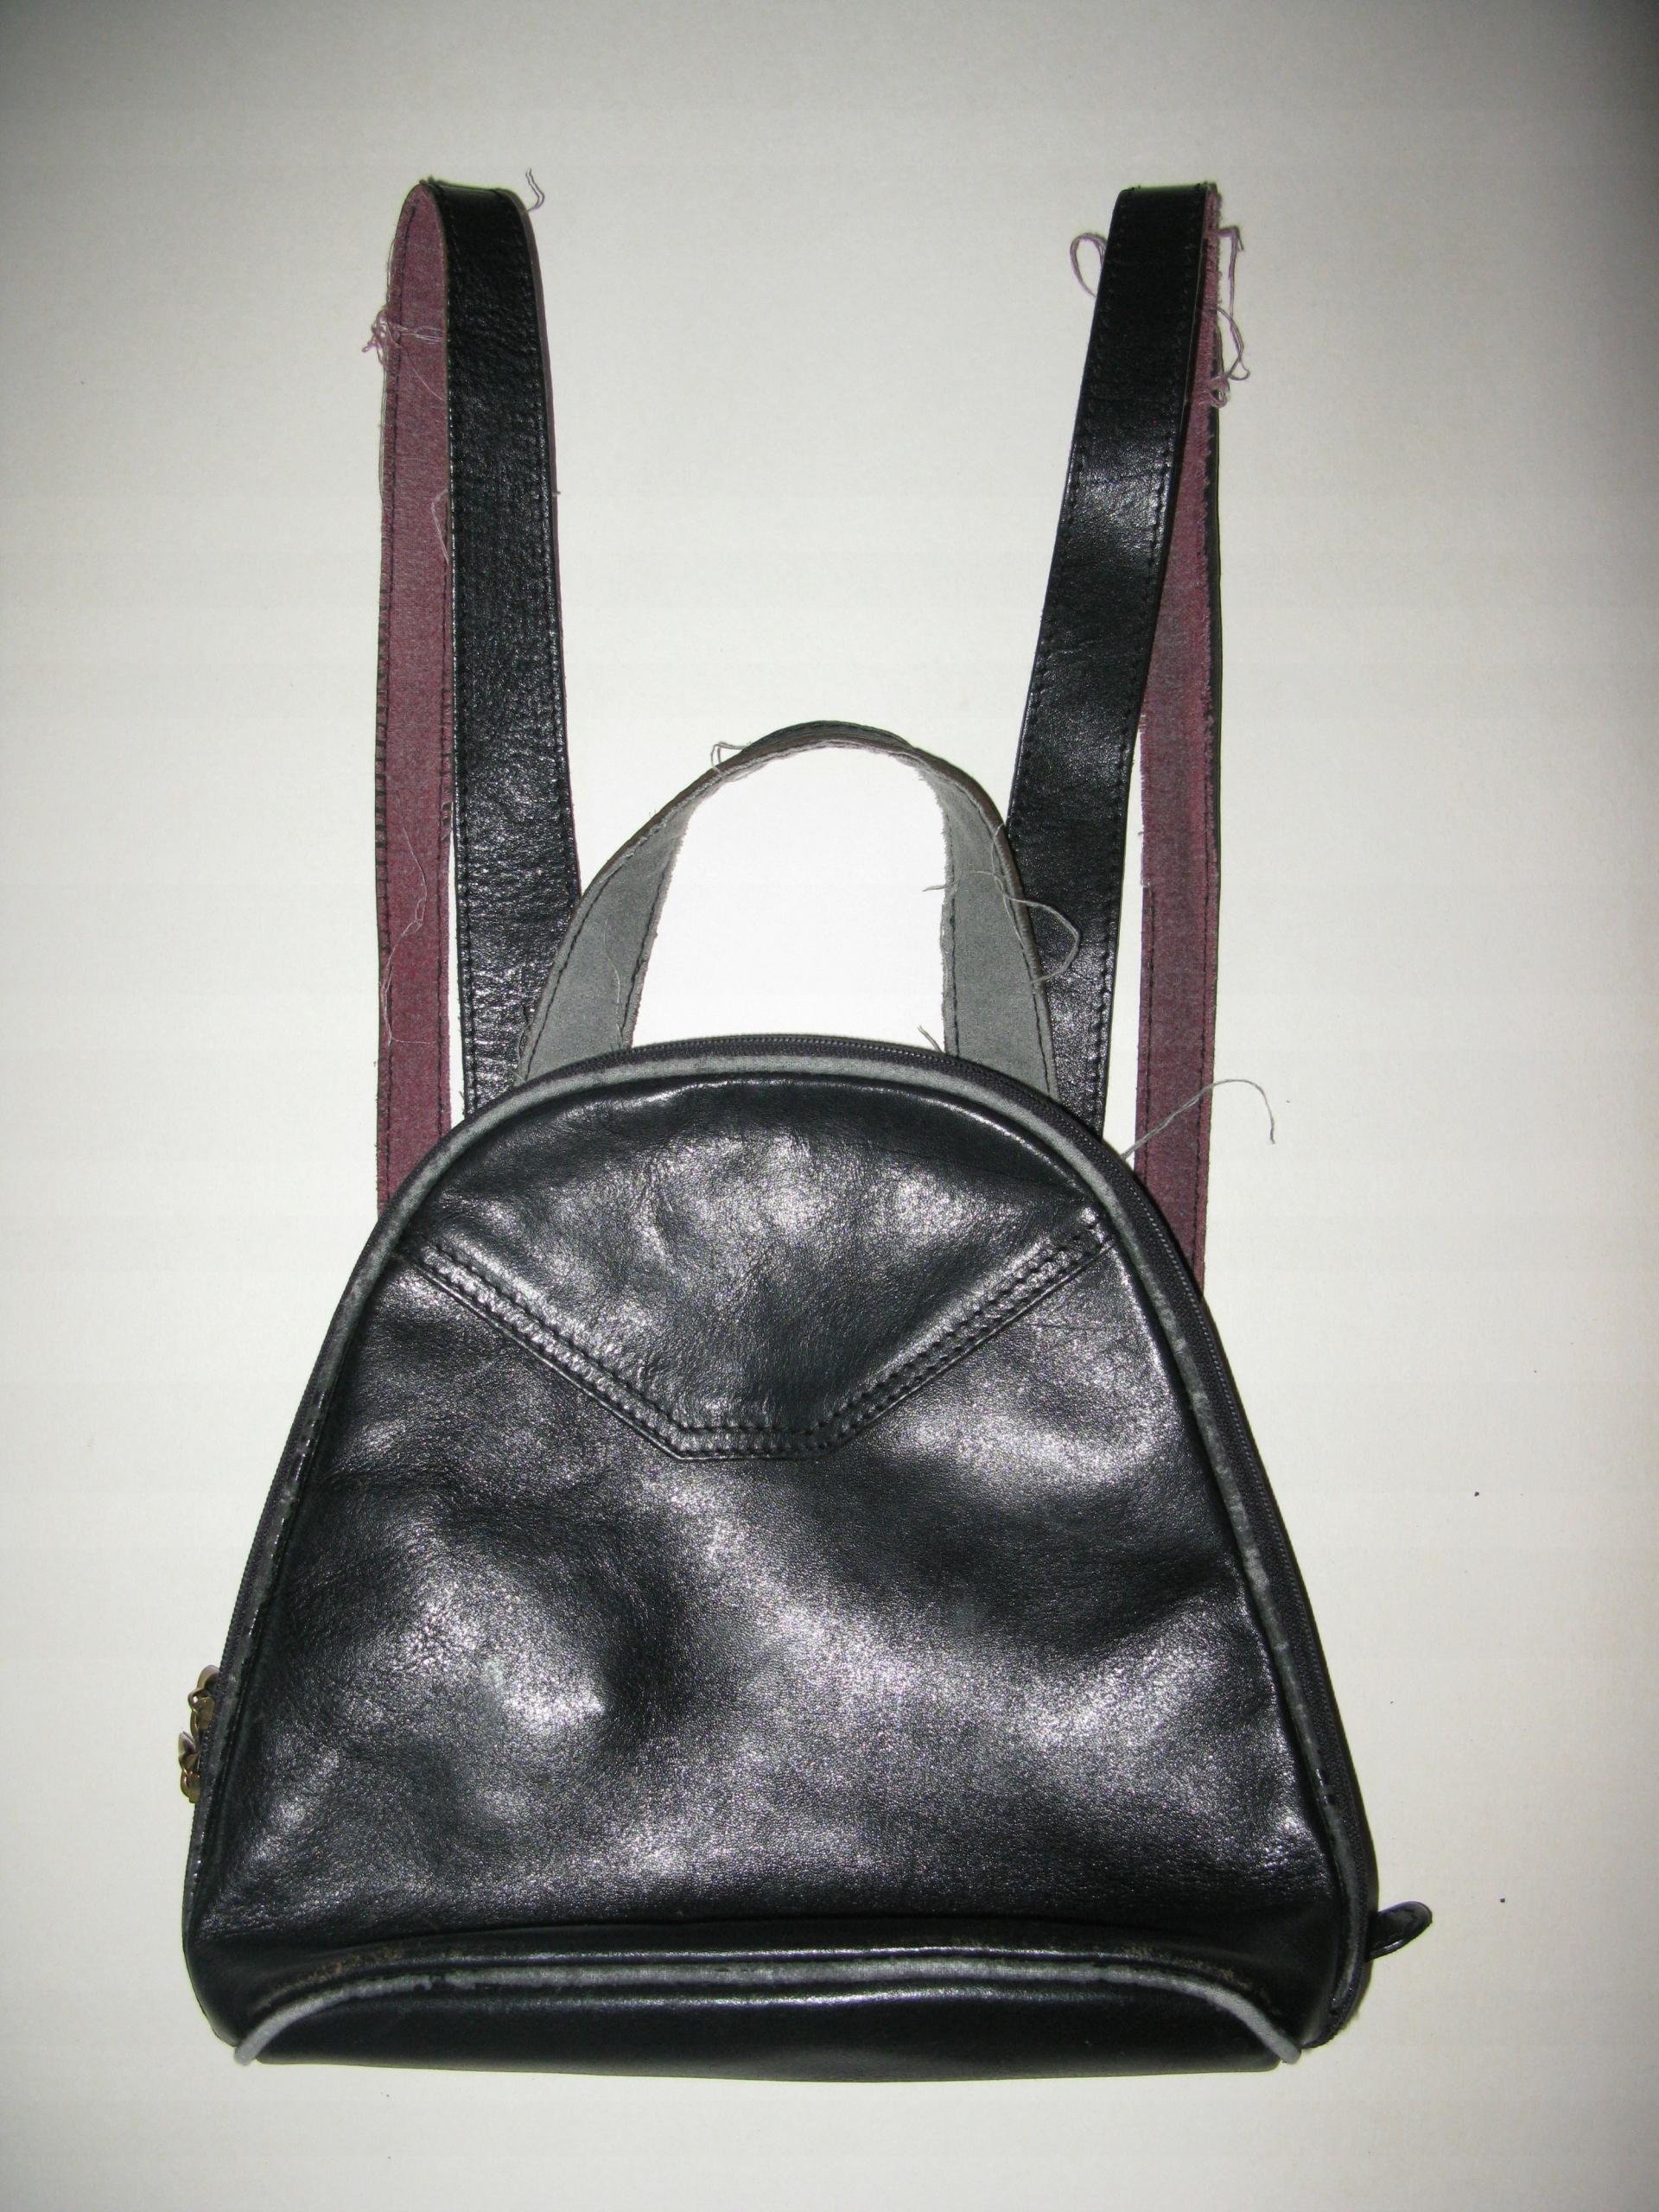 94d1ccb6b1b15 Mały plecaczek vintage, skóra naturalna, czarny - 7574506297 ...